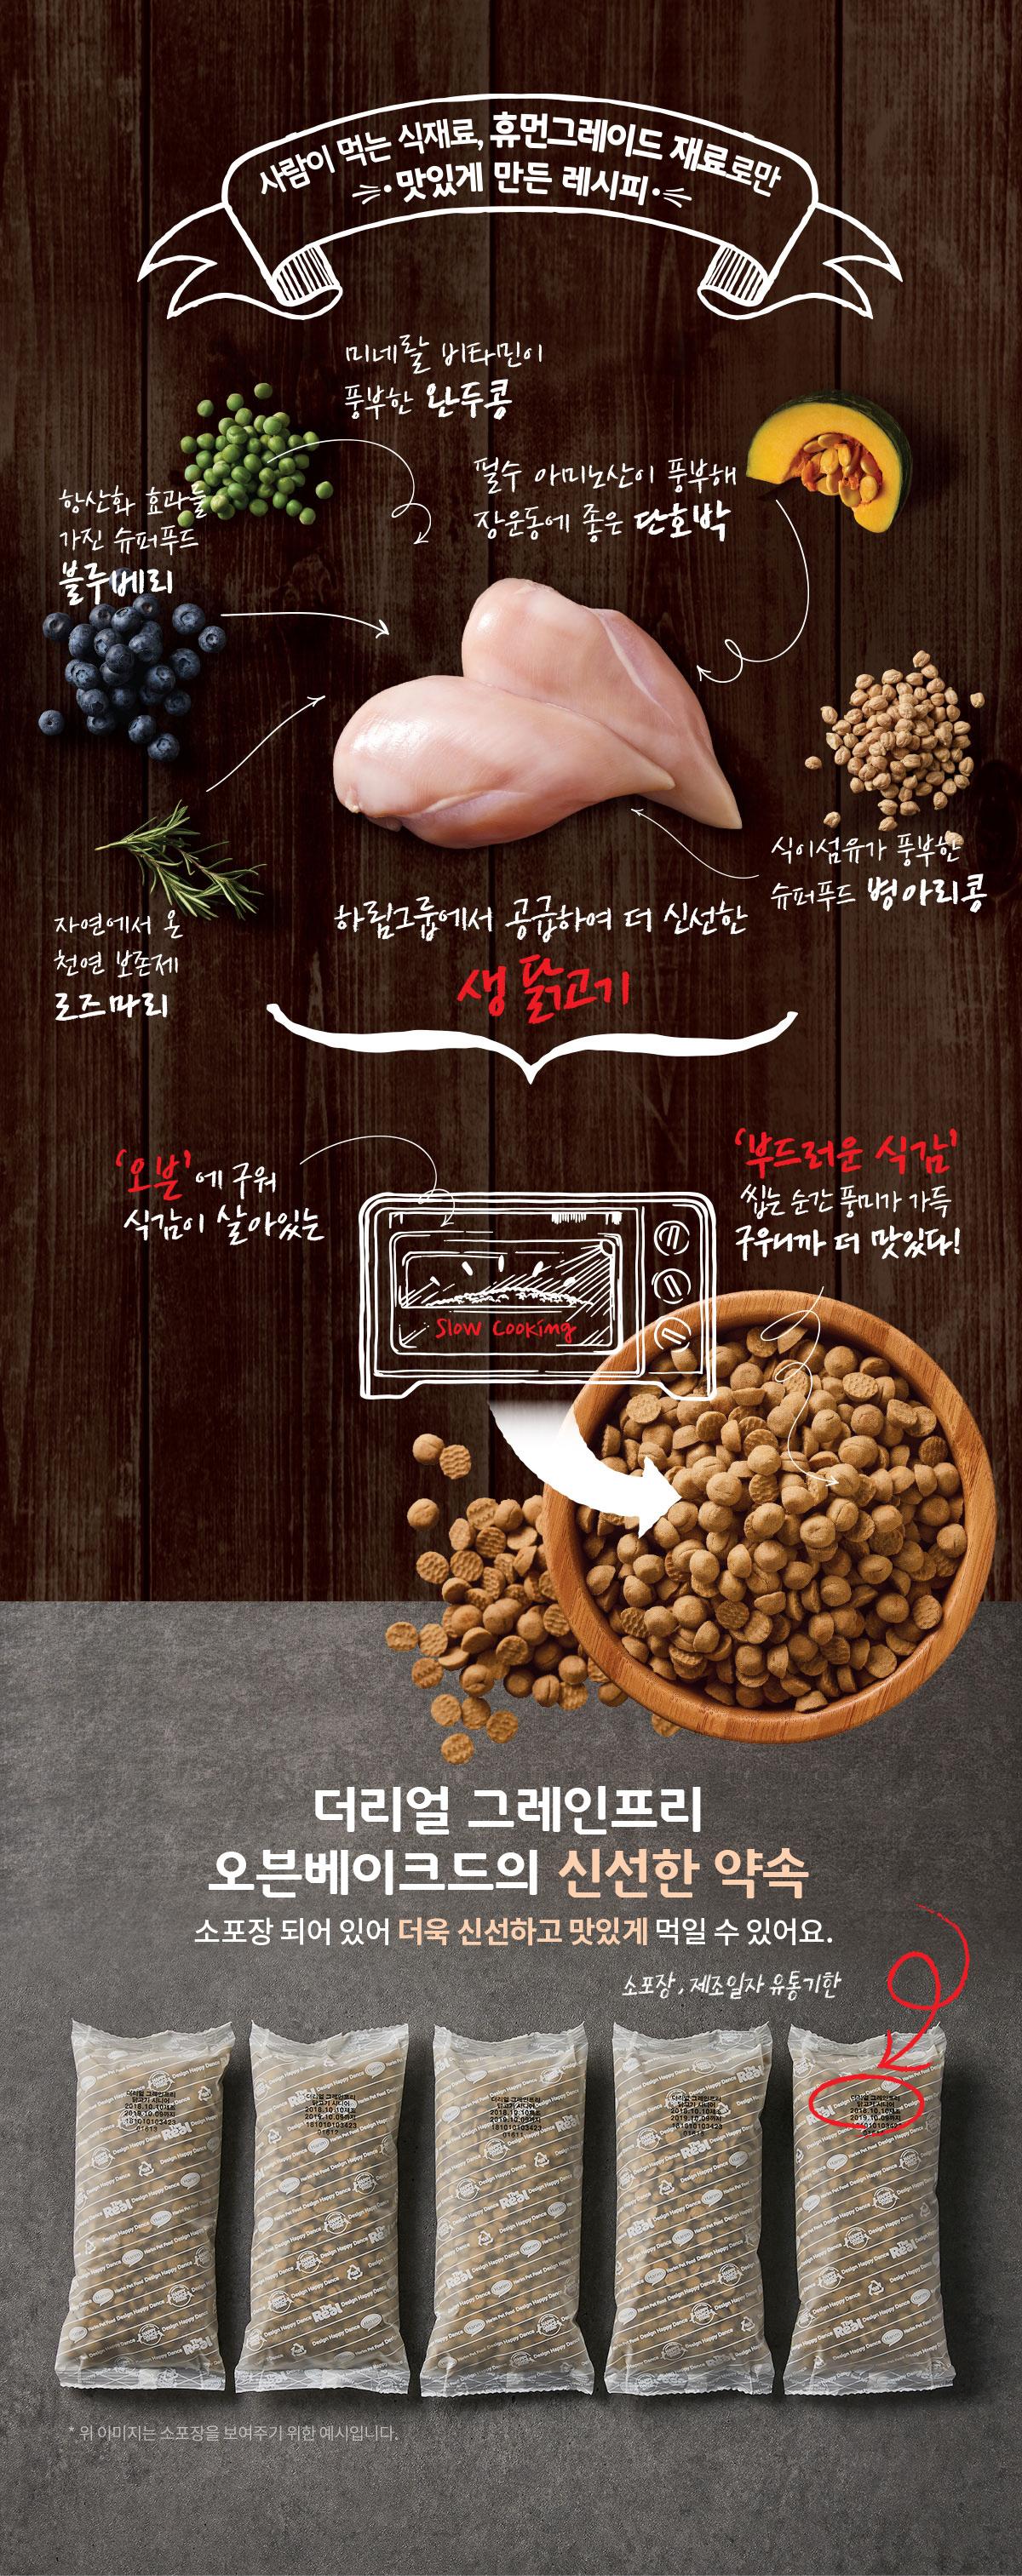 (유통기한20.10.04)더리얼 그레인프리 오븐베이크드 닭고기 시니어 2.4kg - 스토어봄, 27,500원, 사료, 노령견용